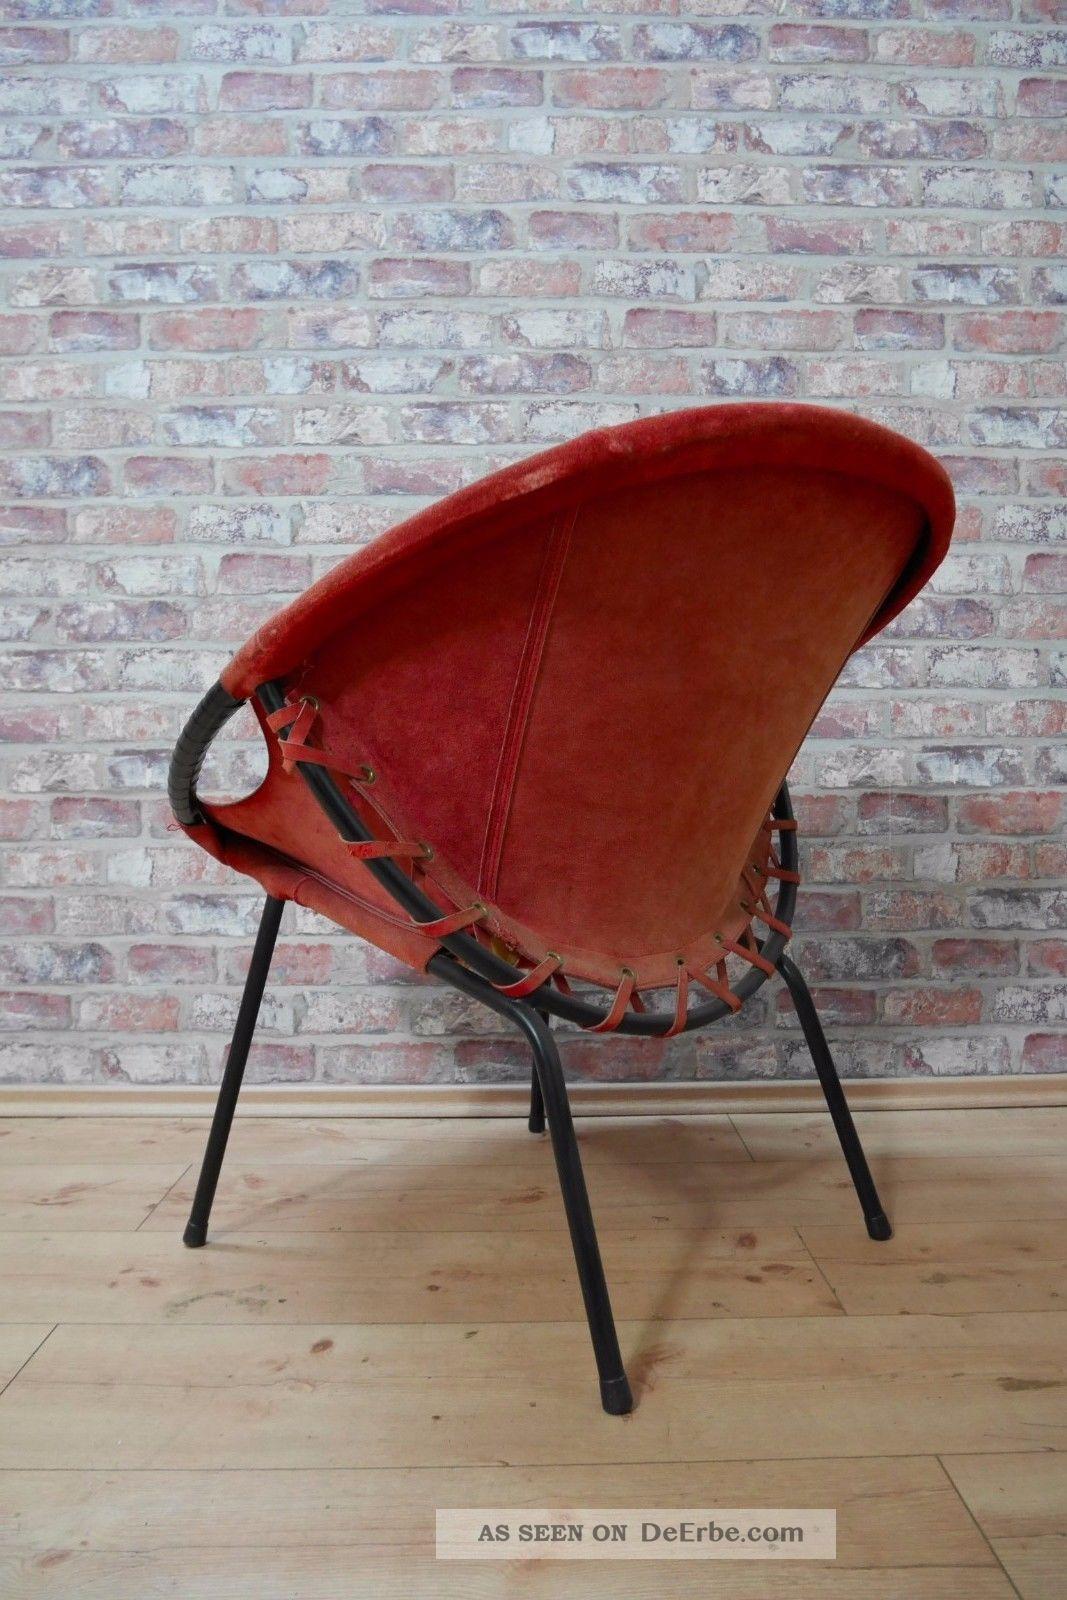 50er jahre sputnik chair cocktail sessel leder metallgestell 50s. Black Bedroom Furniture Sets. Home Design Ideas